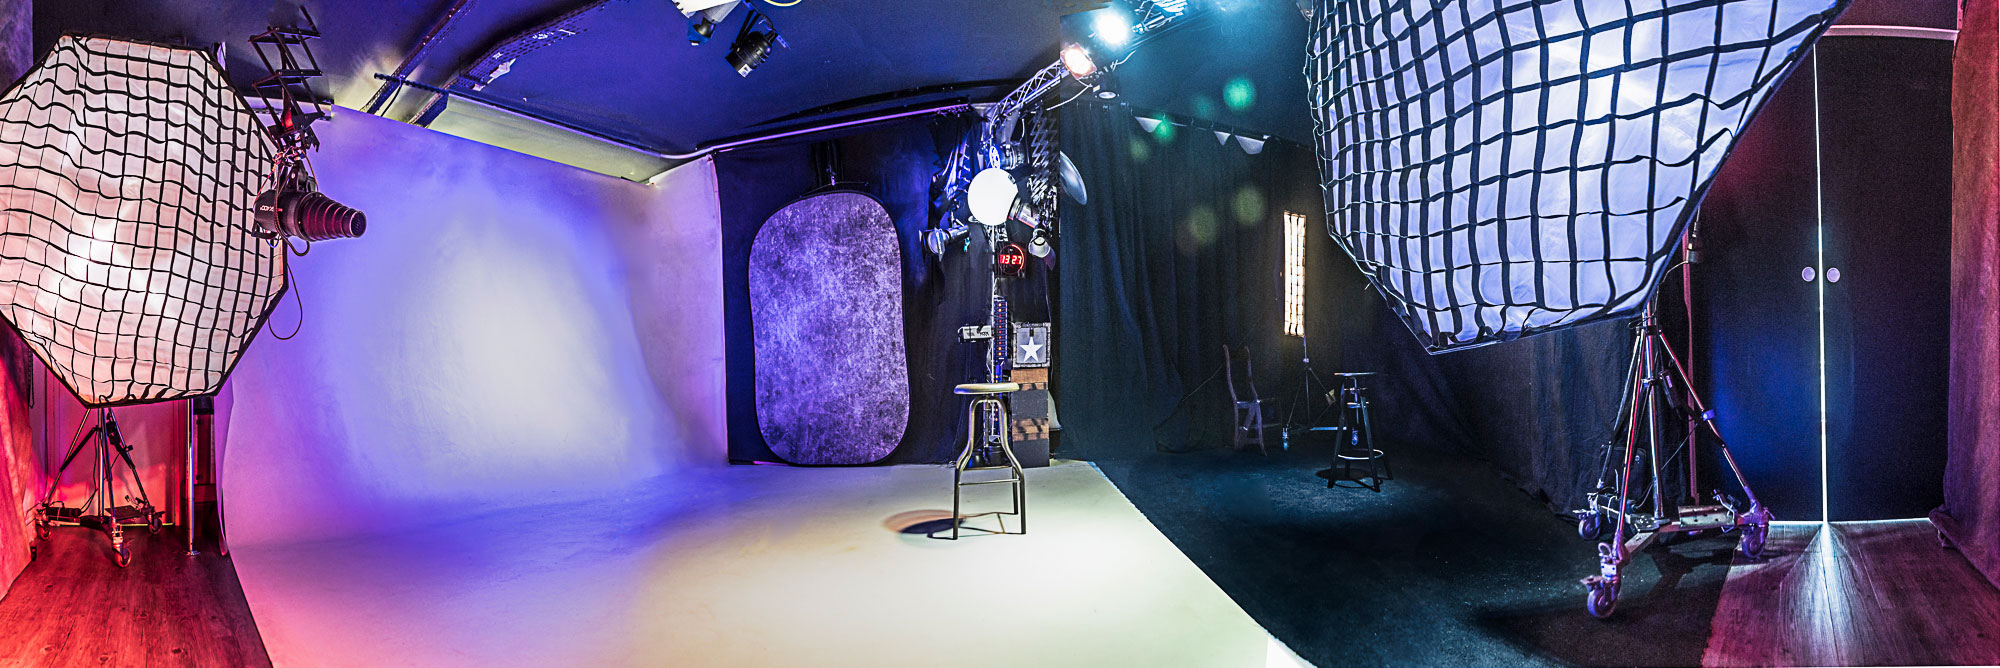 séance au studio